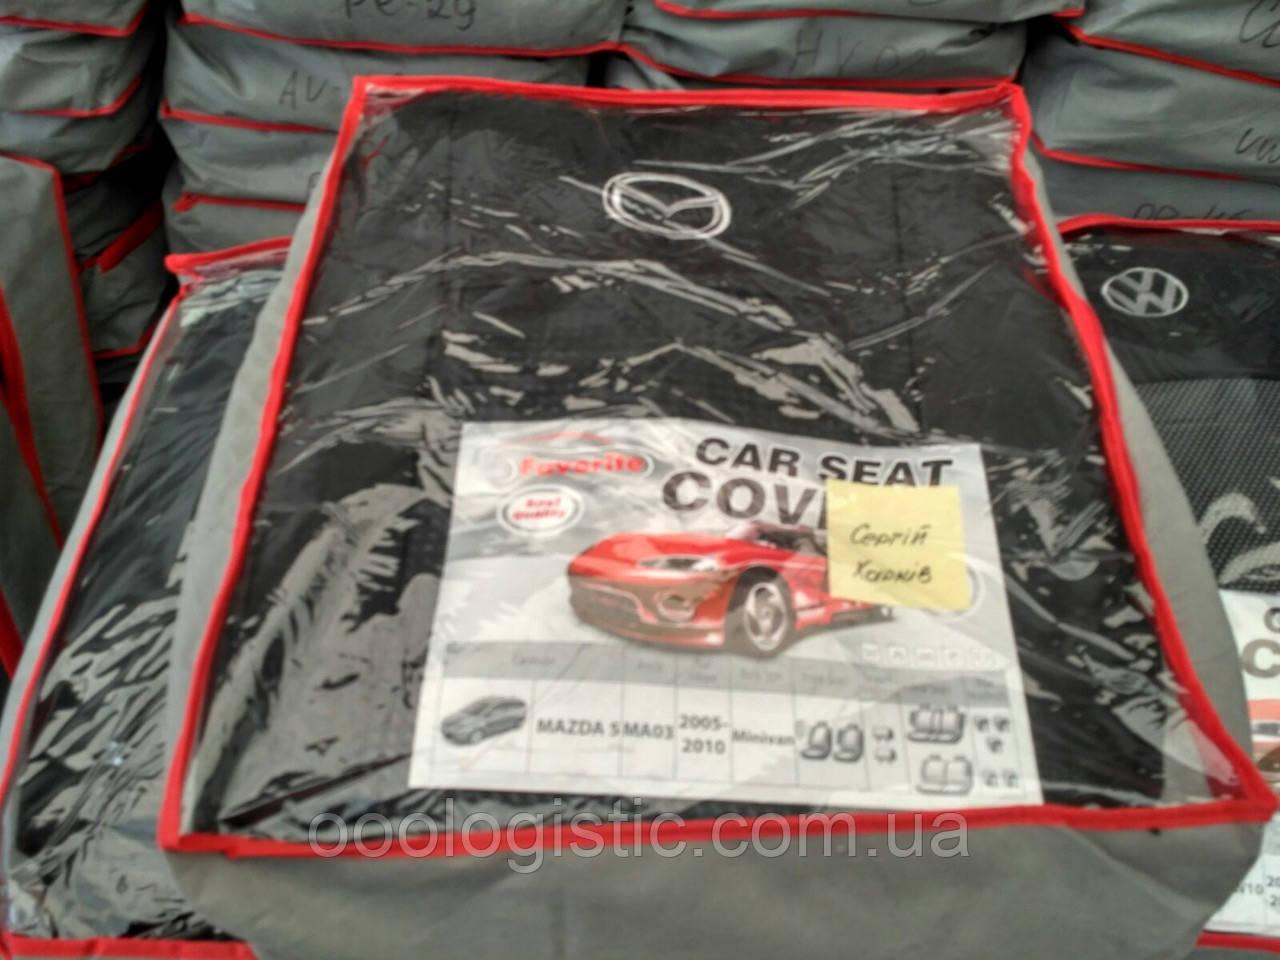 Авточехлы Favorite на Mazda 5 2005-2010 minivan,авточехлы Фаворит на Мазда 5 2005-2010 минивэн